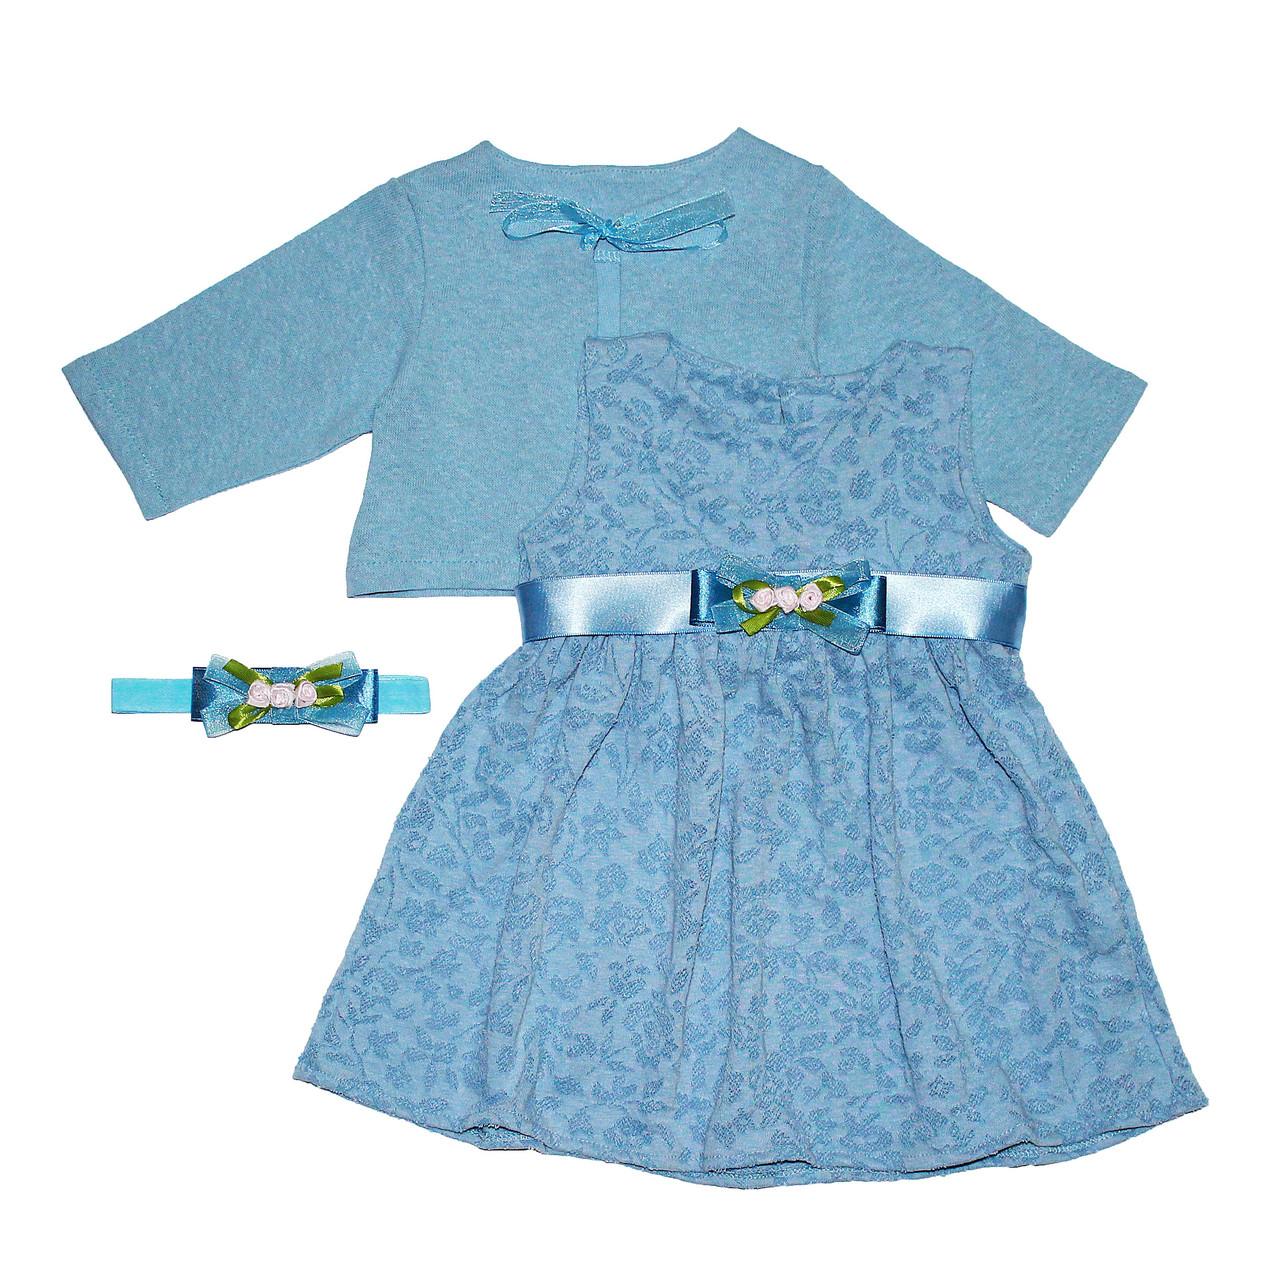 Дизайнерский Костюм Andriana Kids для девочки голубой